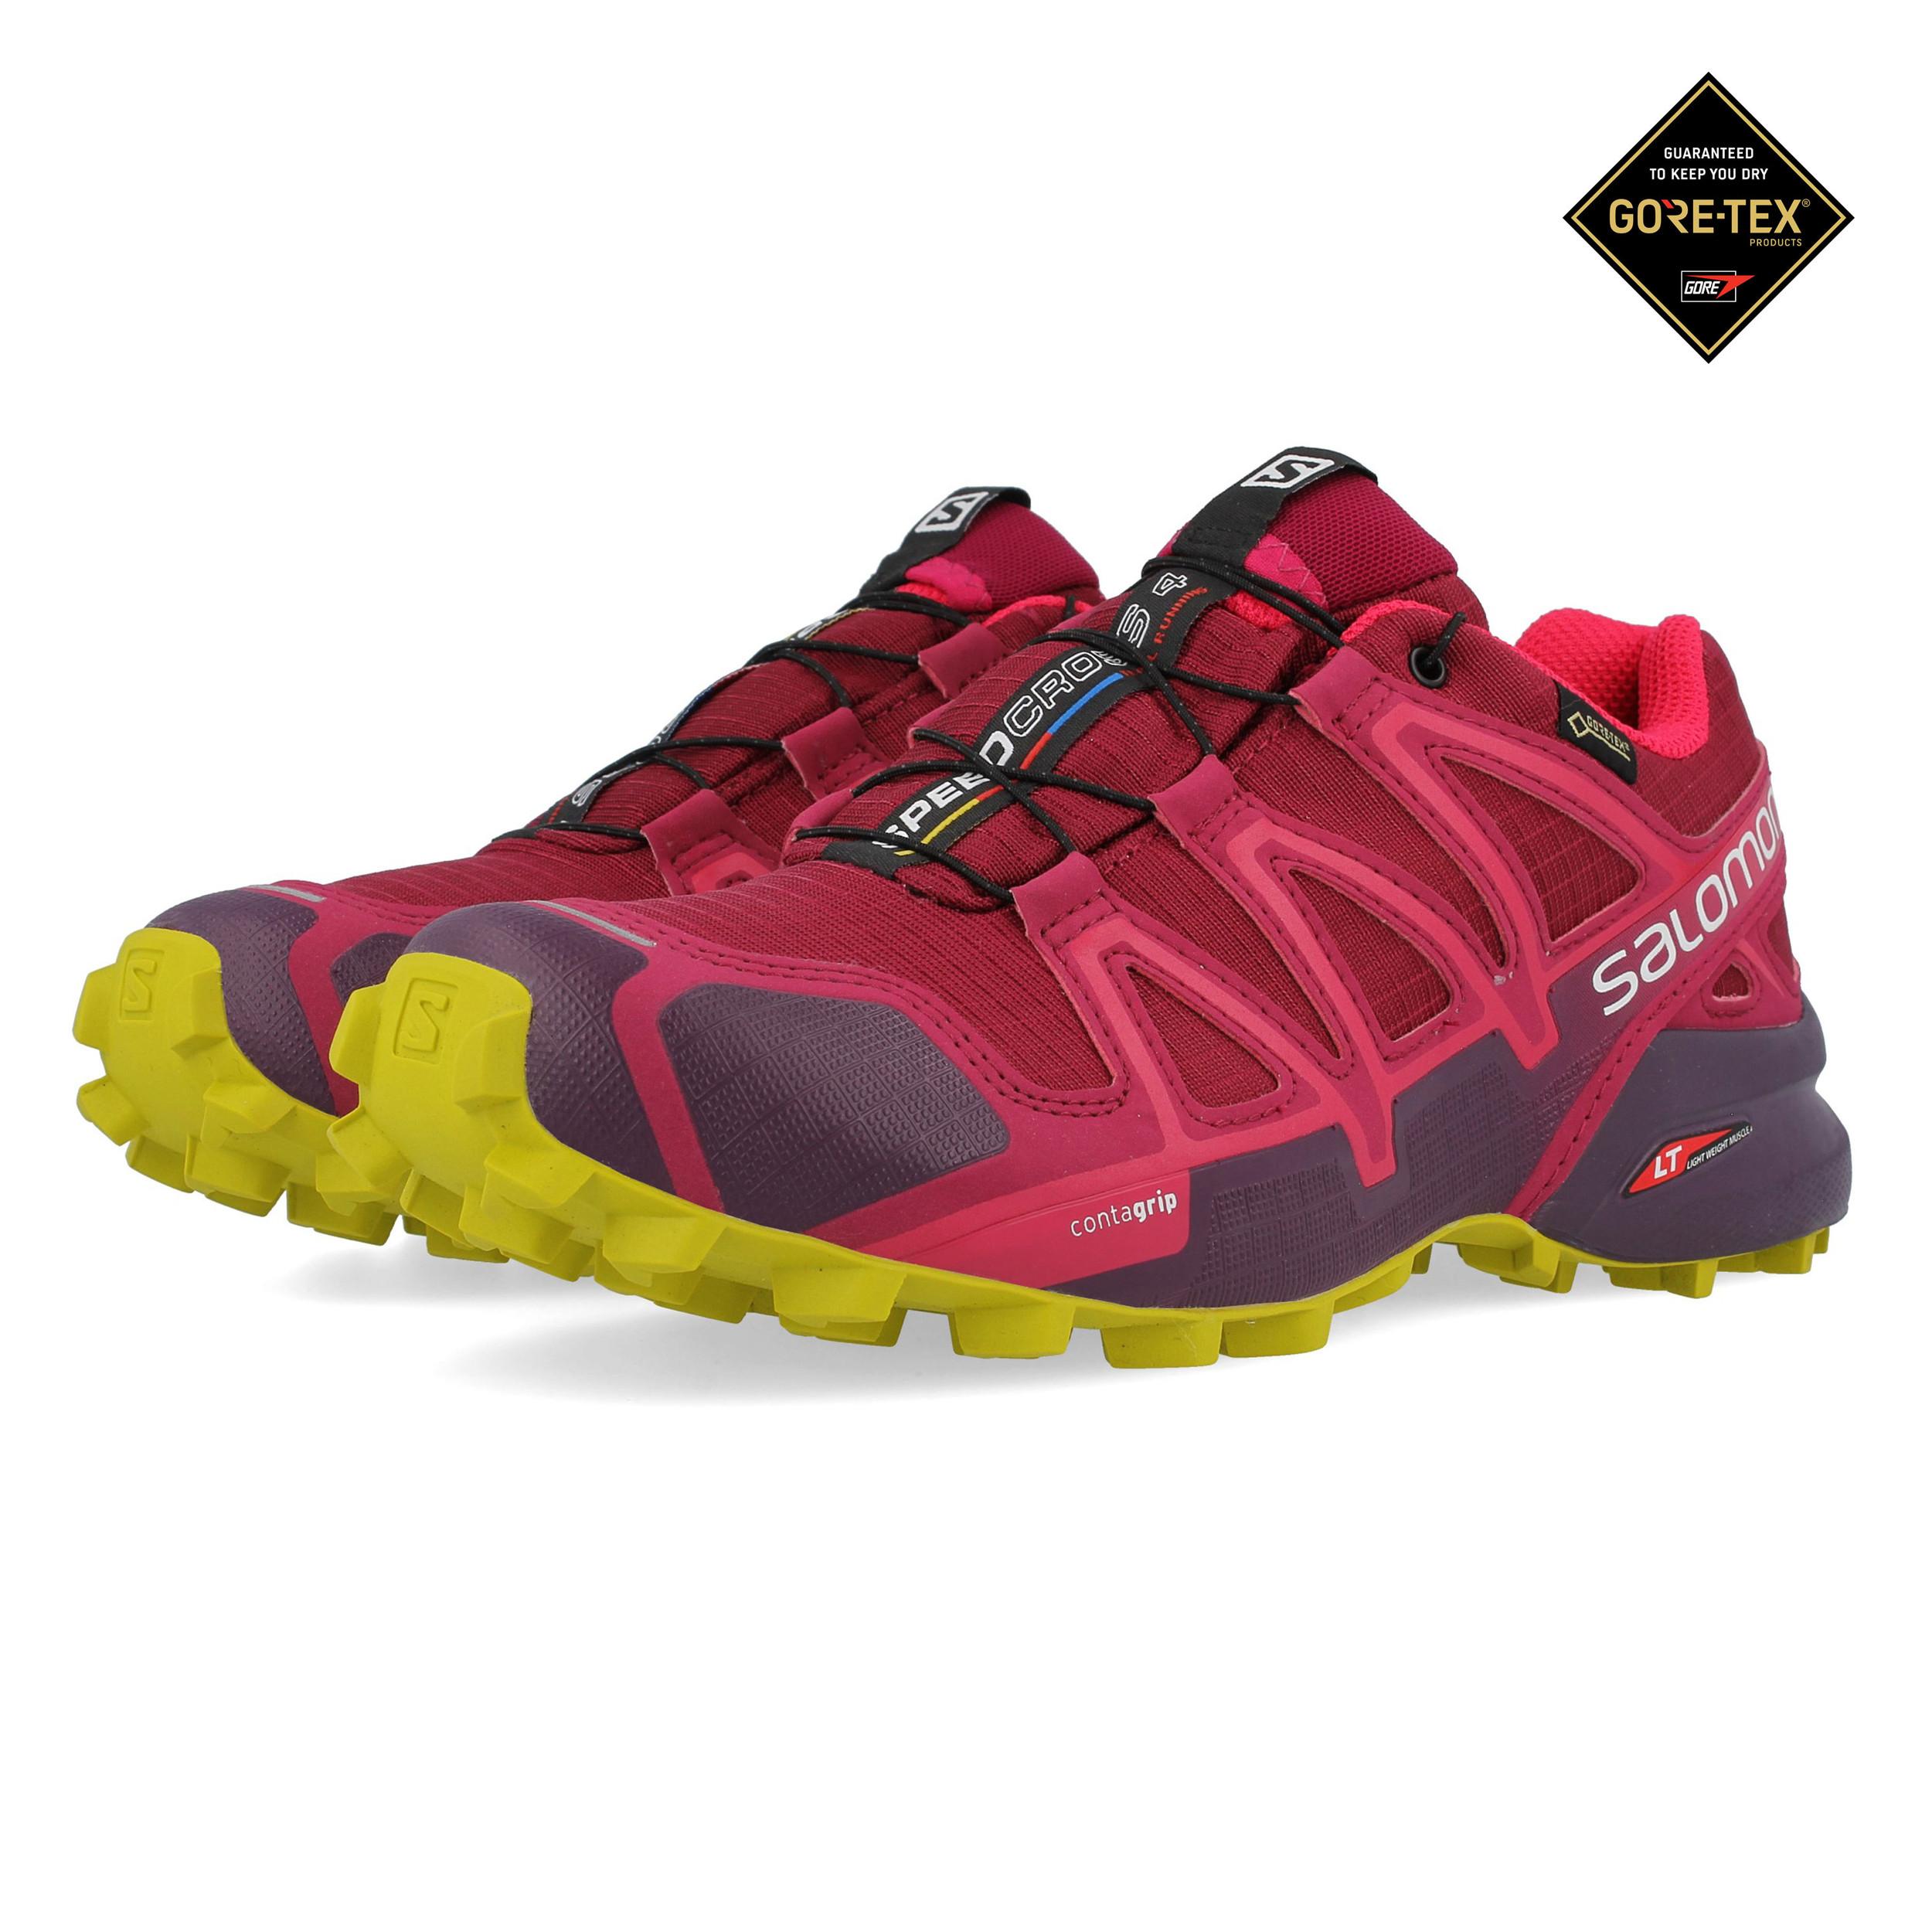 Chaussures de trail : découvrez les nouveaux modèles GORE